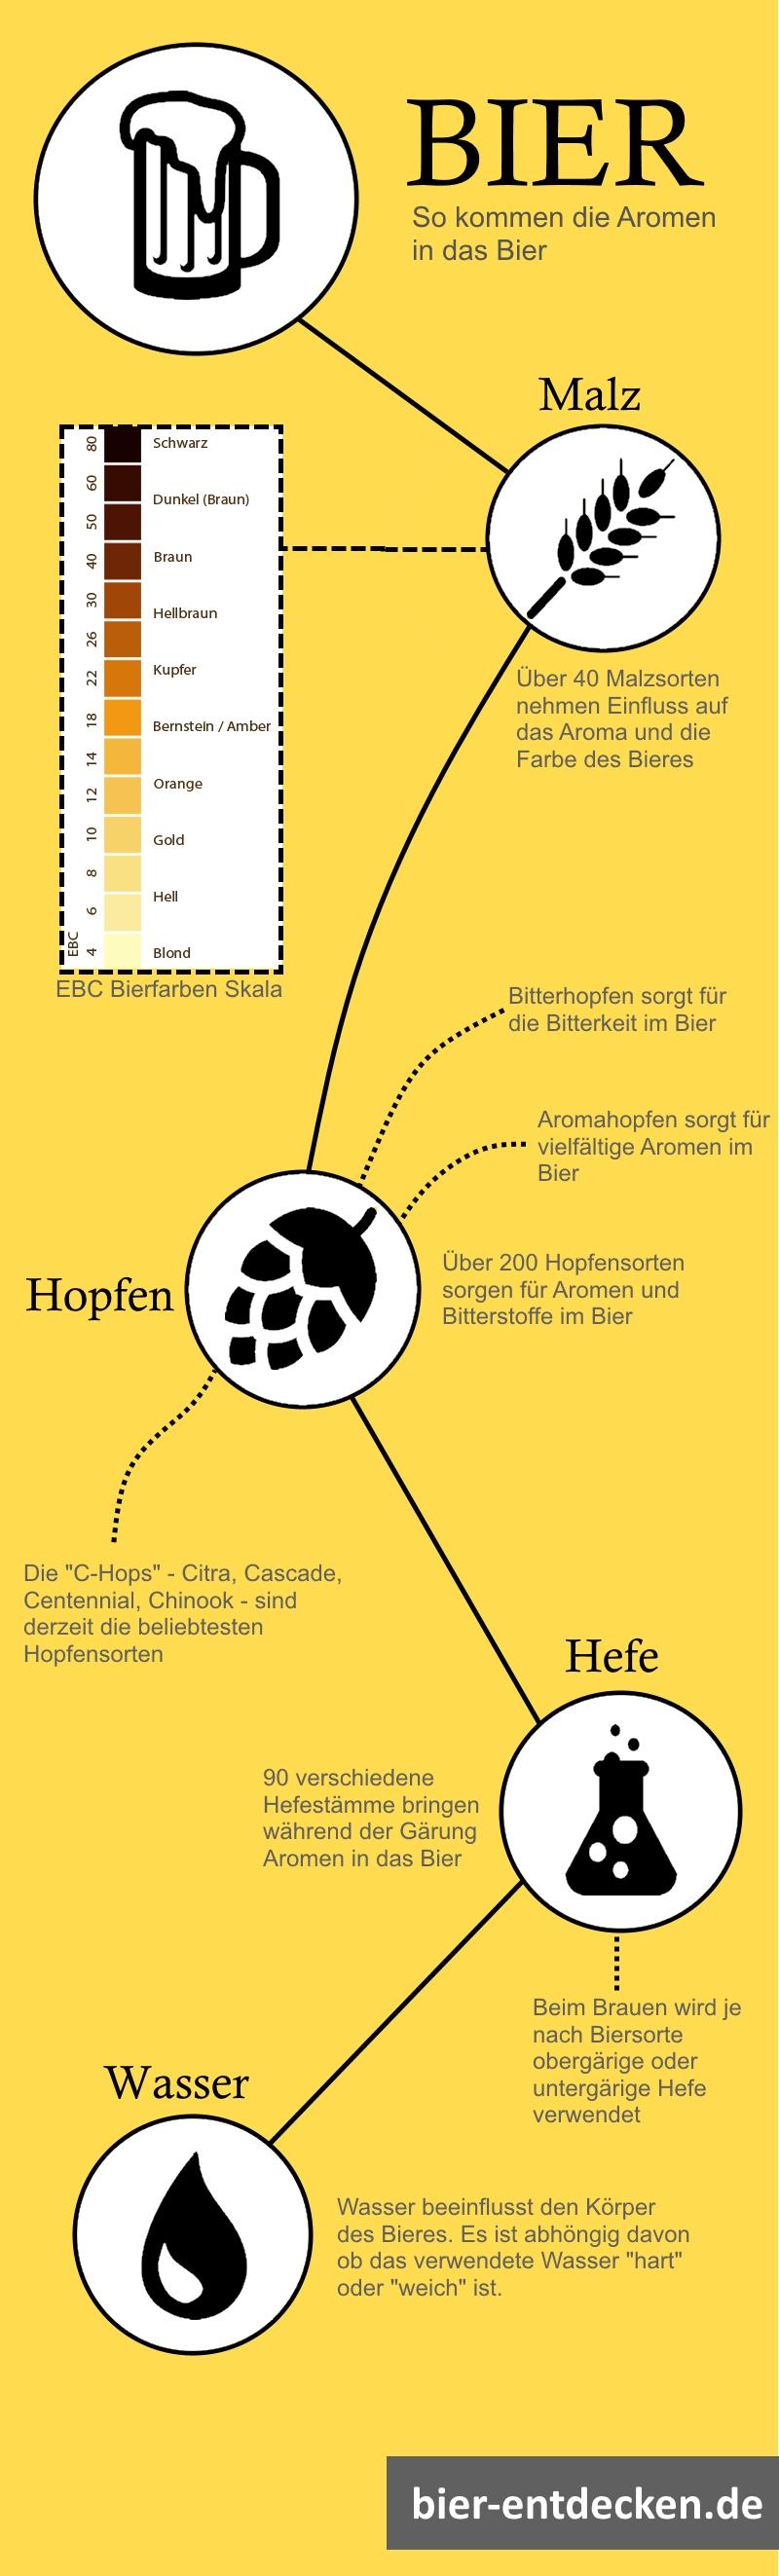 Bier-Leitfaden: Wie kommen die Aromen in das Bier